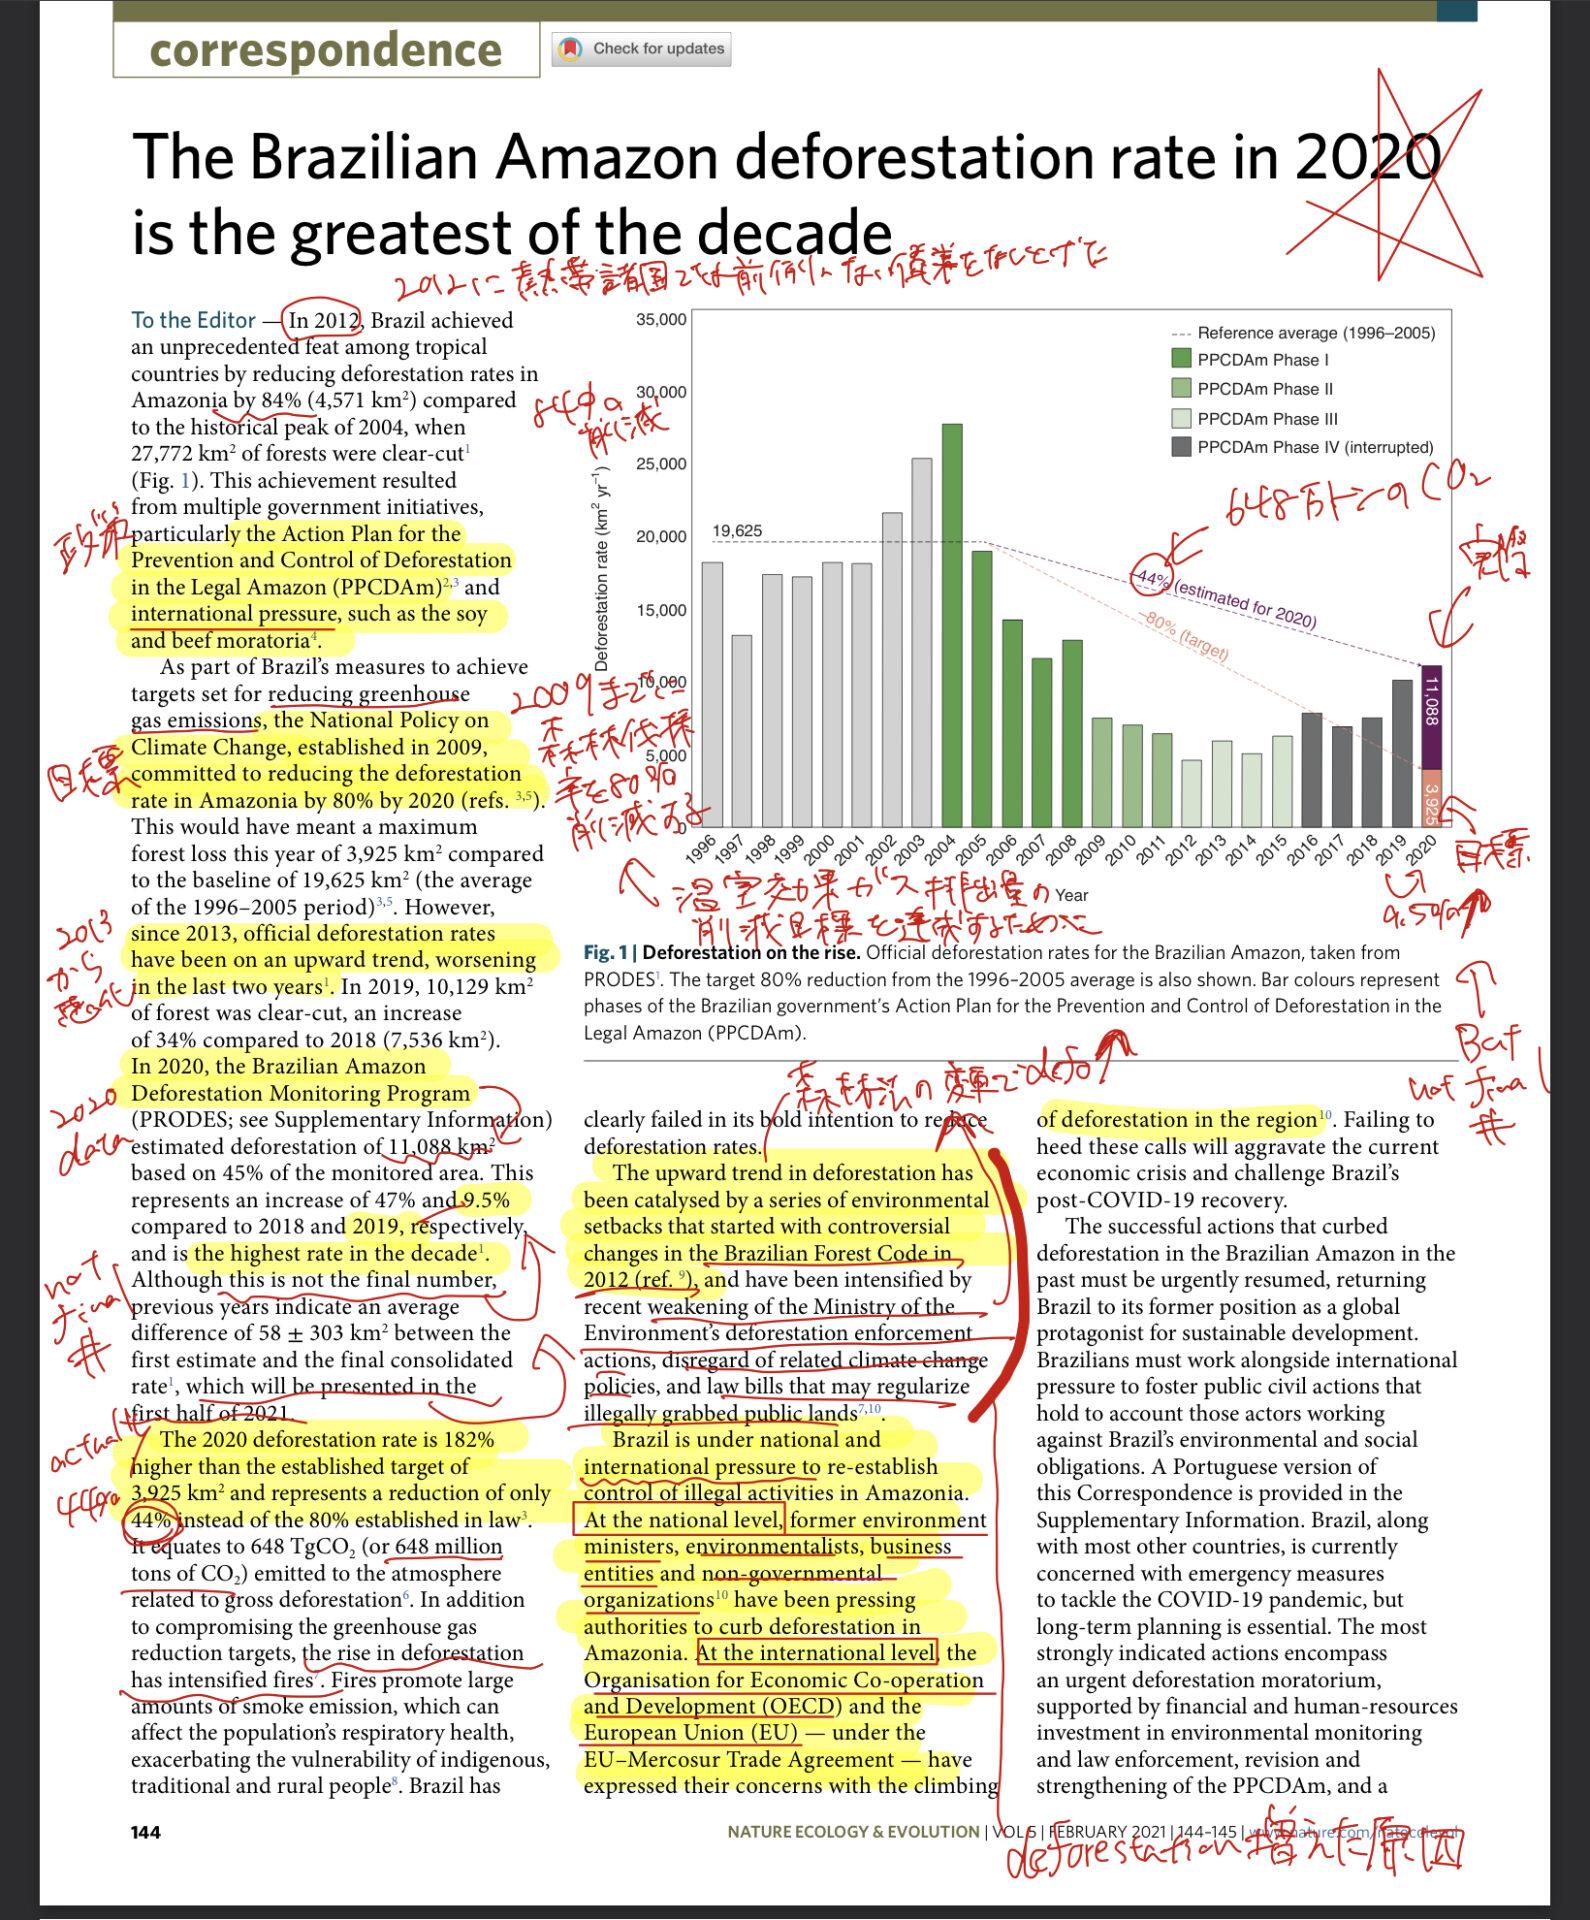 【オーストラリア大学院留学日記|Vol.3】海外大学院の課題の量は多い?